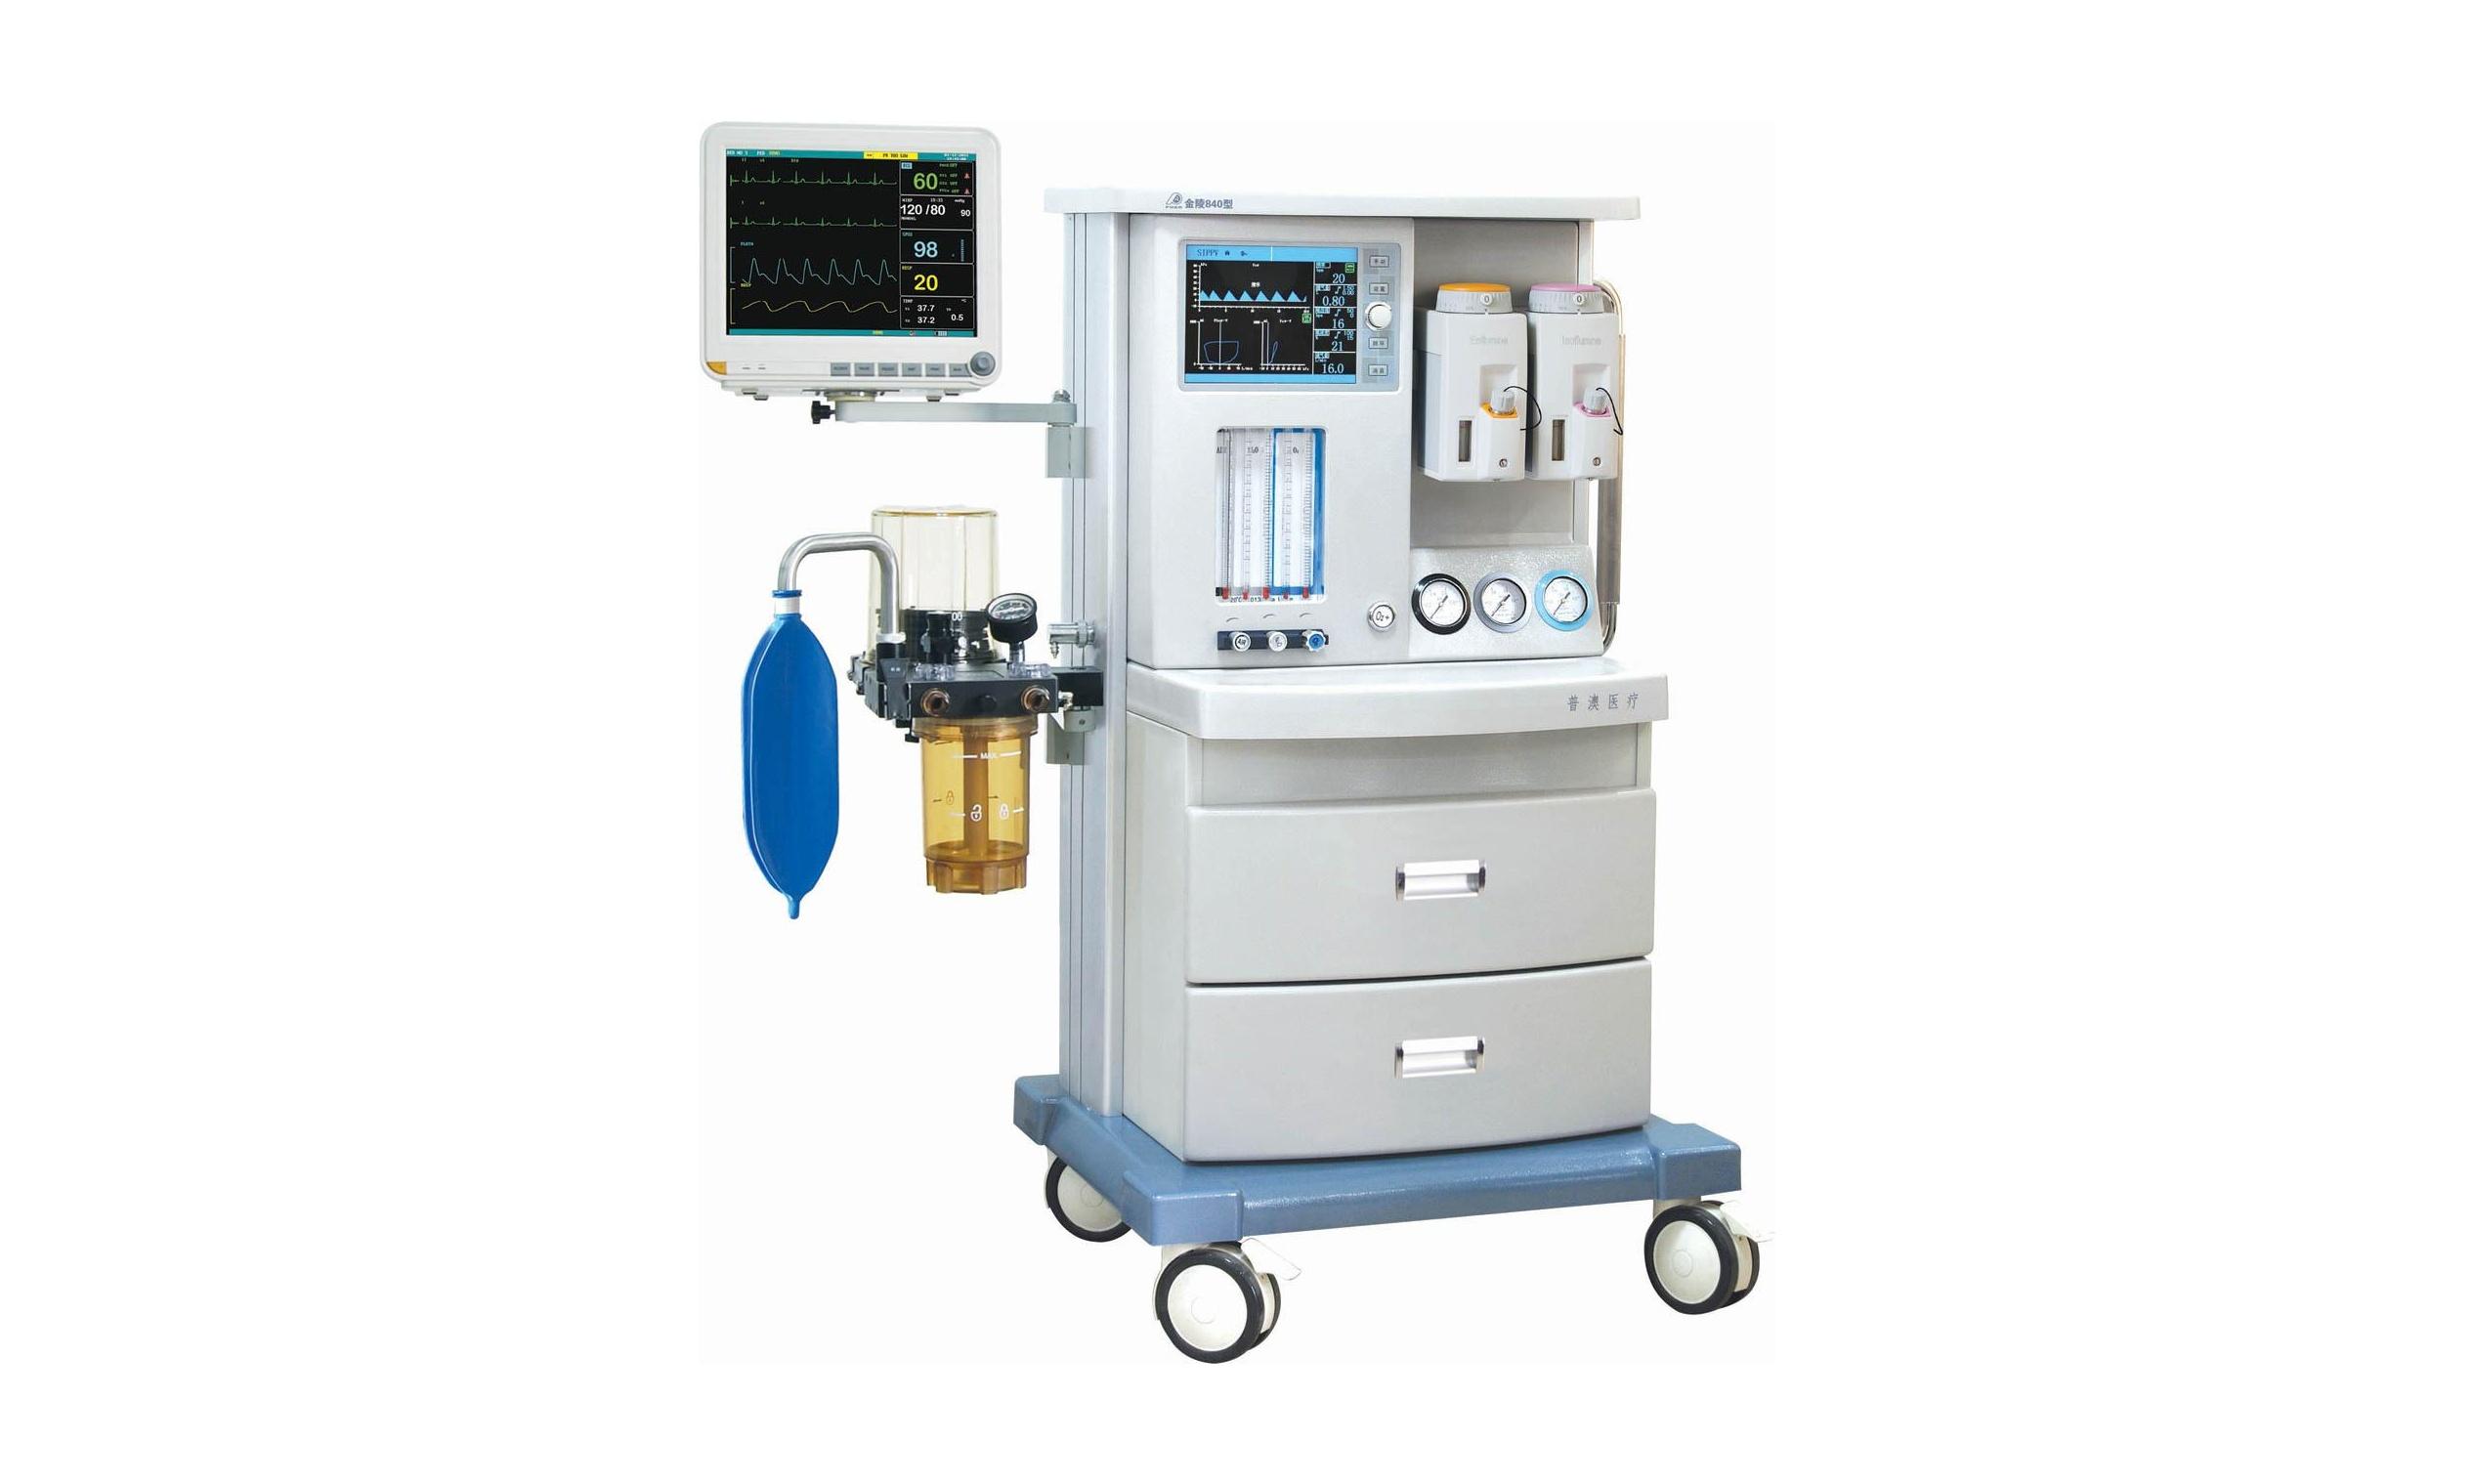 商洛市商州区妇幼保健院麻醉机等仪器设备采购项目招标